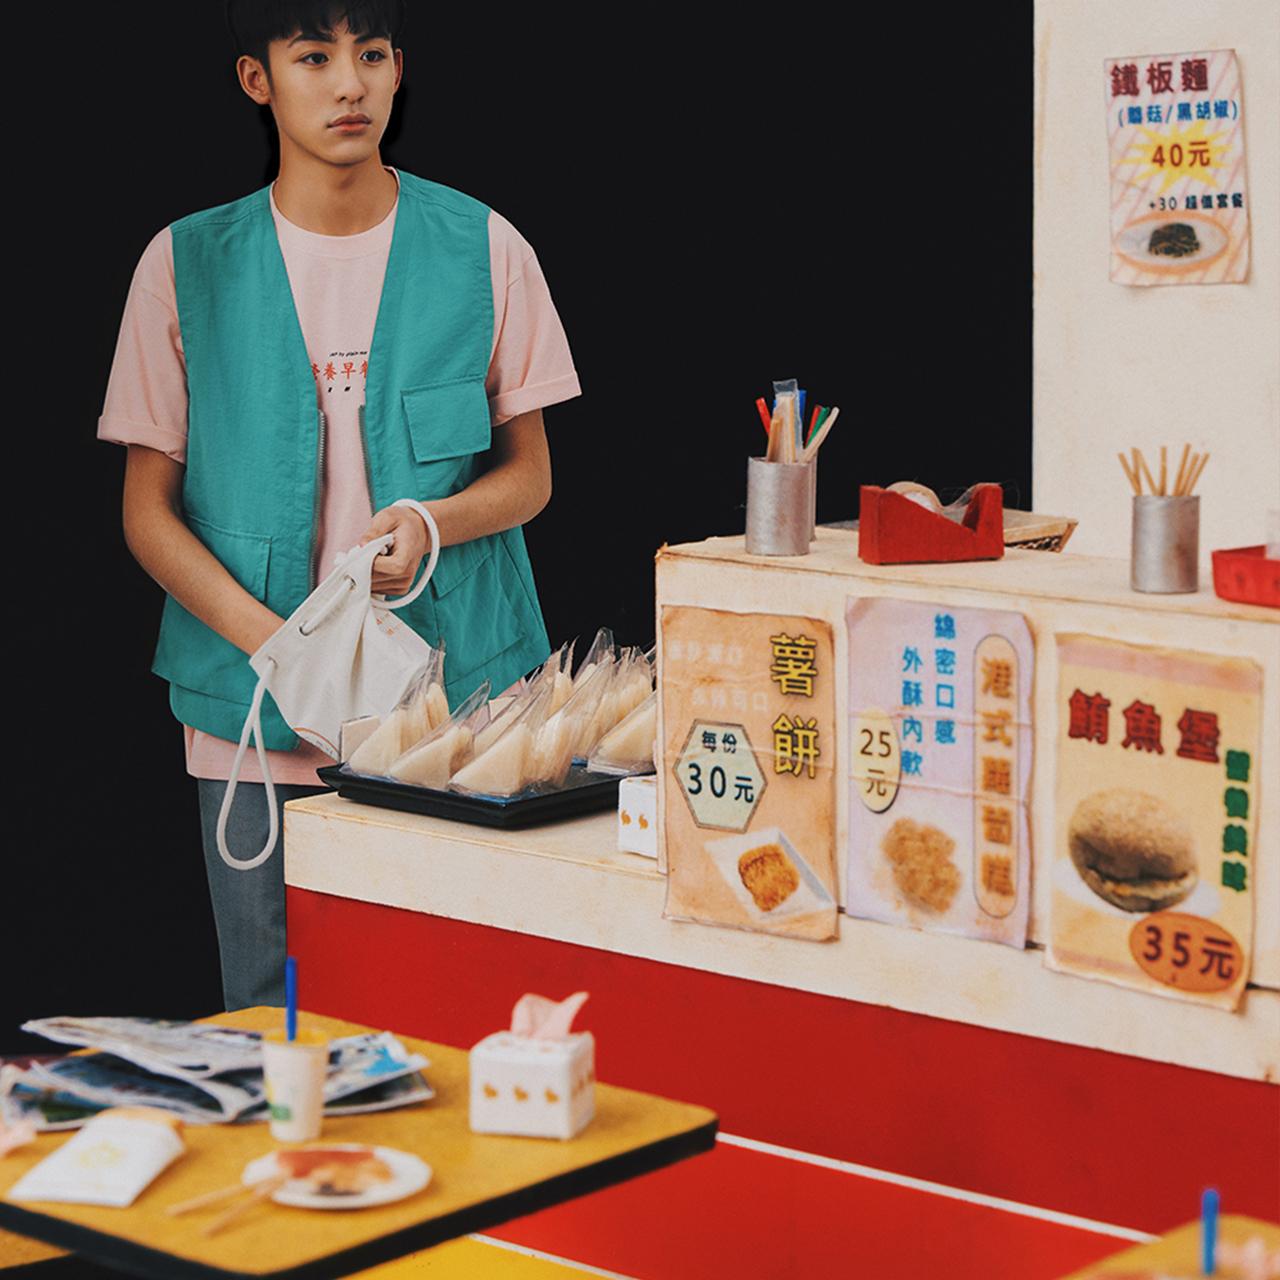 早餐店,營養早餐店,JNP紀念品,台灣味,早餐店菜單,早餐店奶茶,早餐店蛋餅,台灣早餐店,台灣早餐,麥麥早餐,袖珍手作模型,袖珍模型,模型藝術家,模型,Jennifer Wang